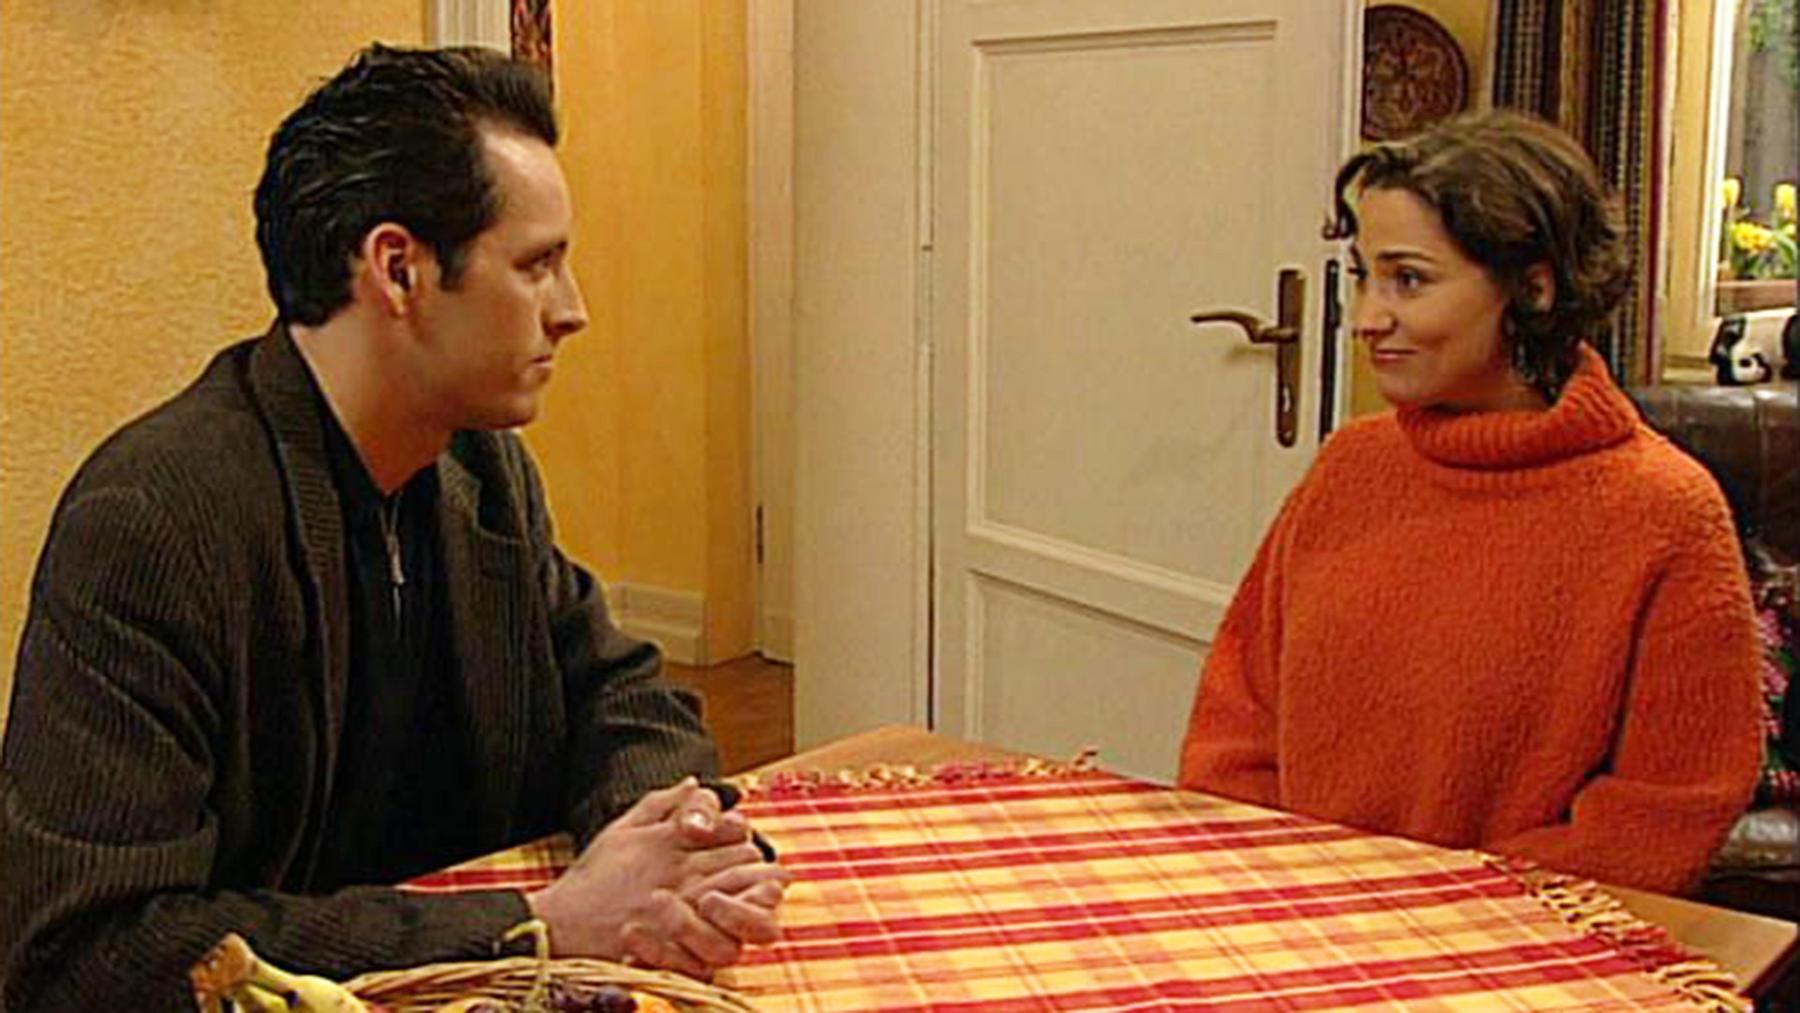 Bernd verlangt, dass Aylin Dominik rauswirft.